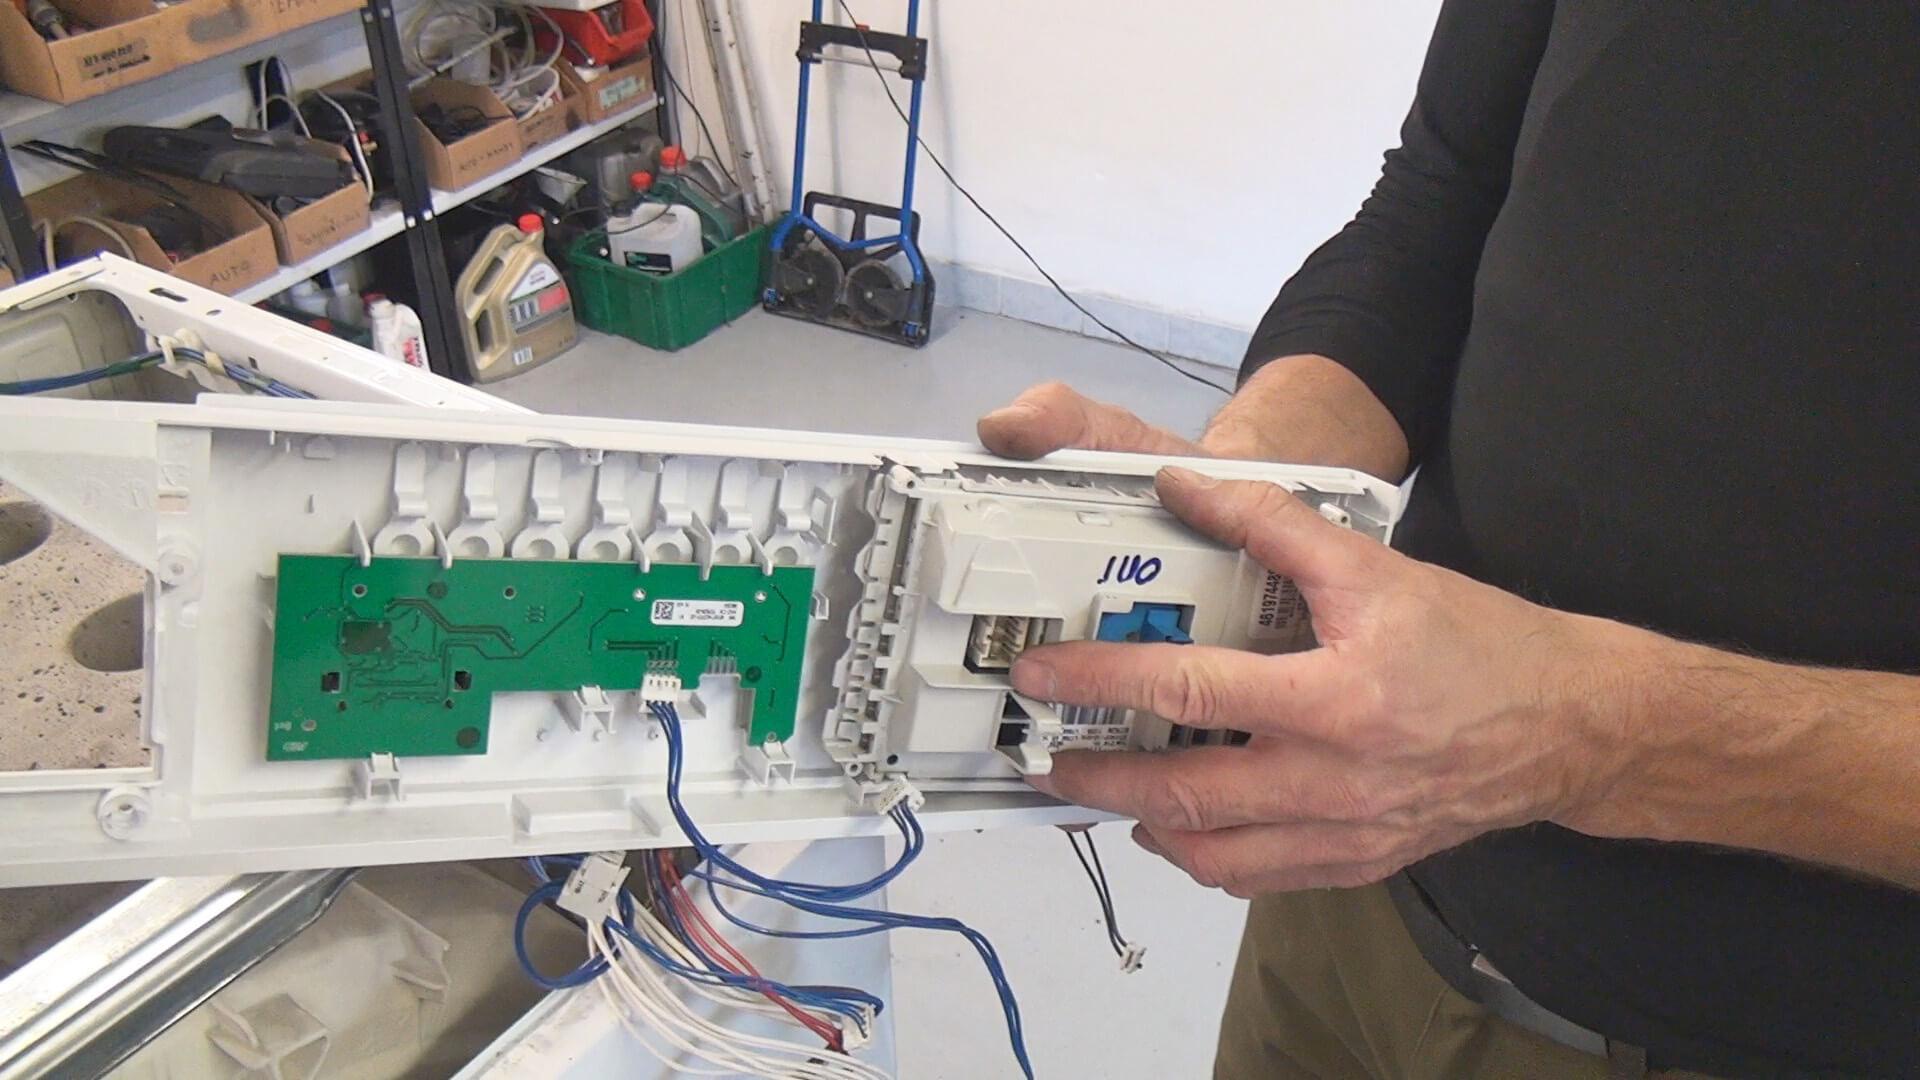 Elektronik in die Bedienblende einsetzen